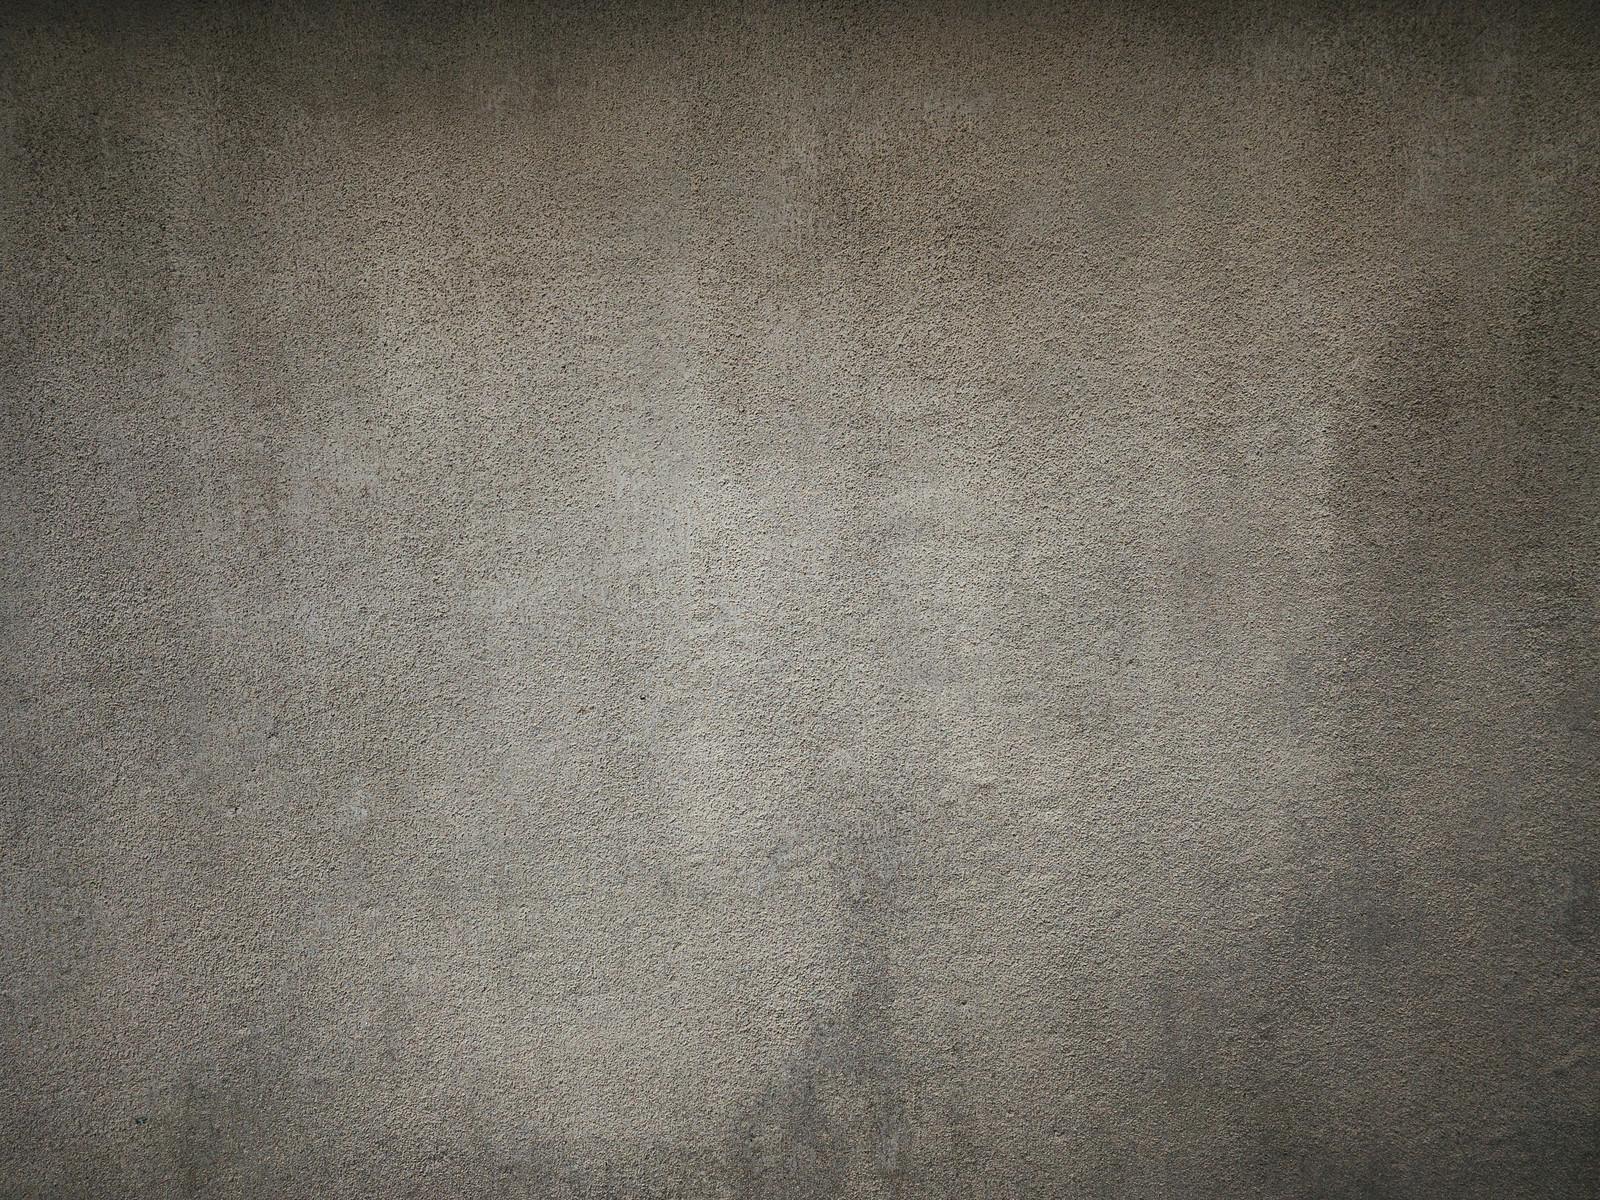 「塗りムラのあるコンクリート壁(テクスチャ)」の写真